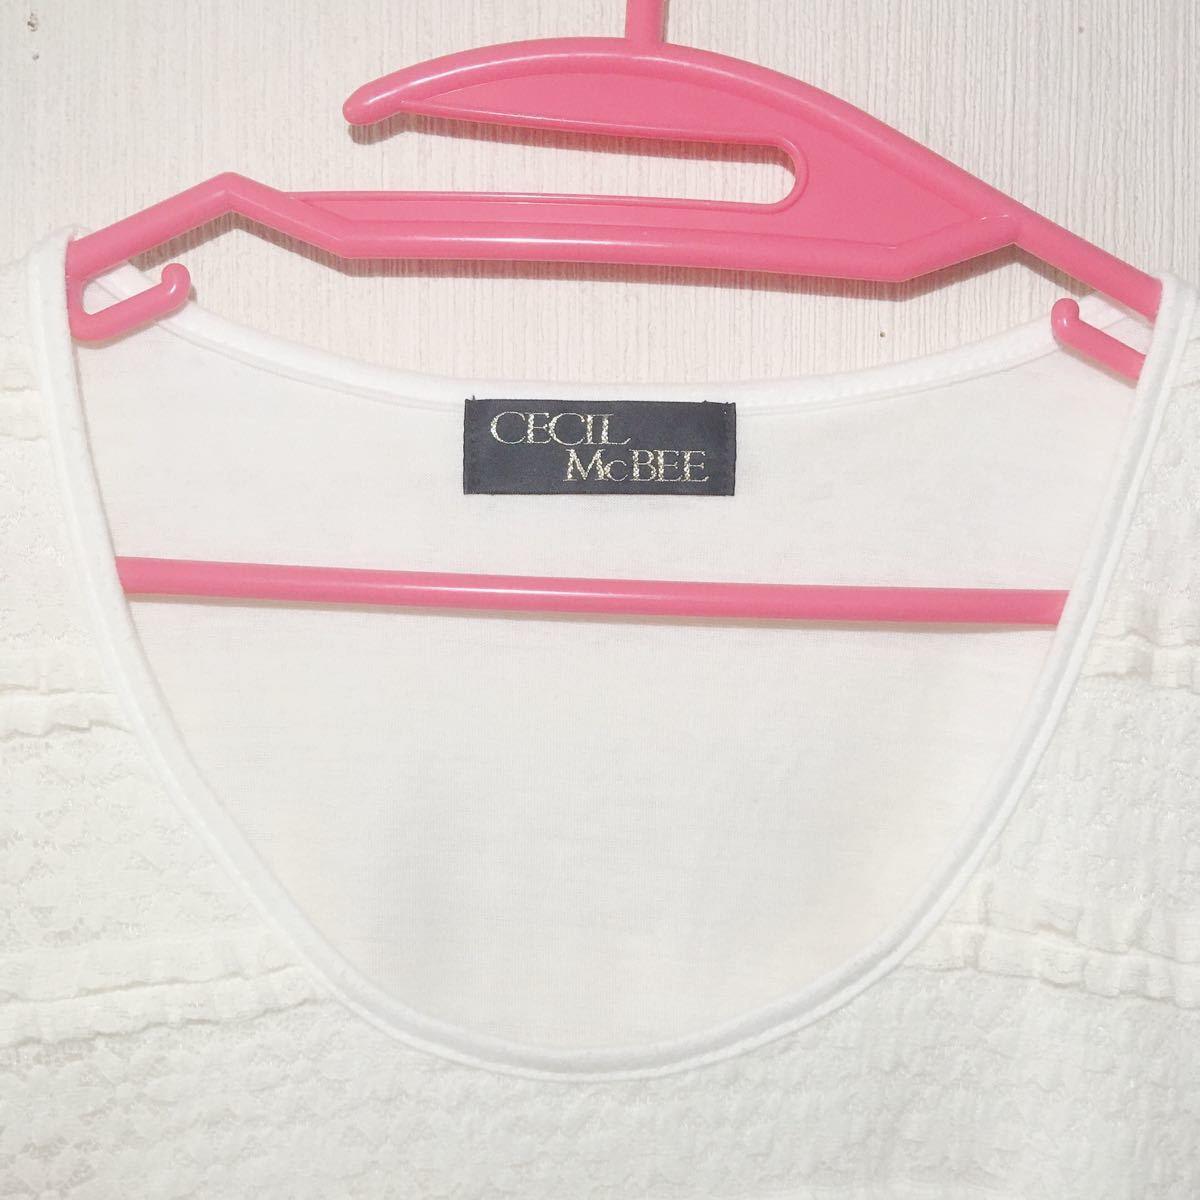 セシルマクビー 白チュニック レース トップス 半袖 カットソー 半袖Tシャツ